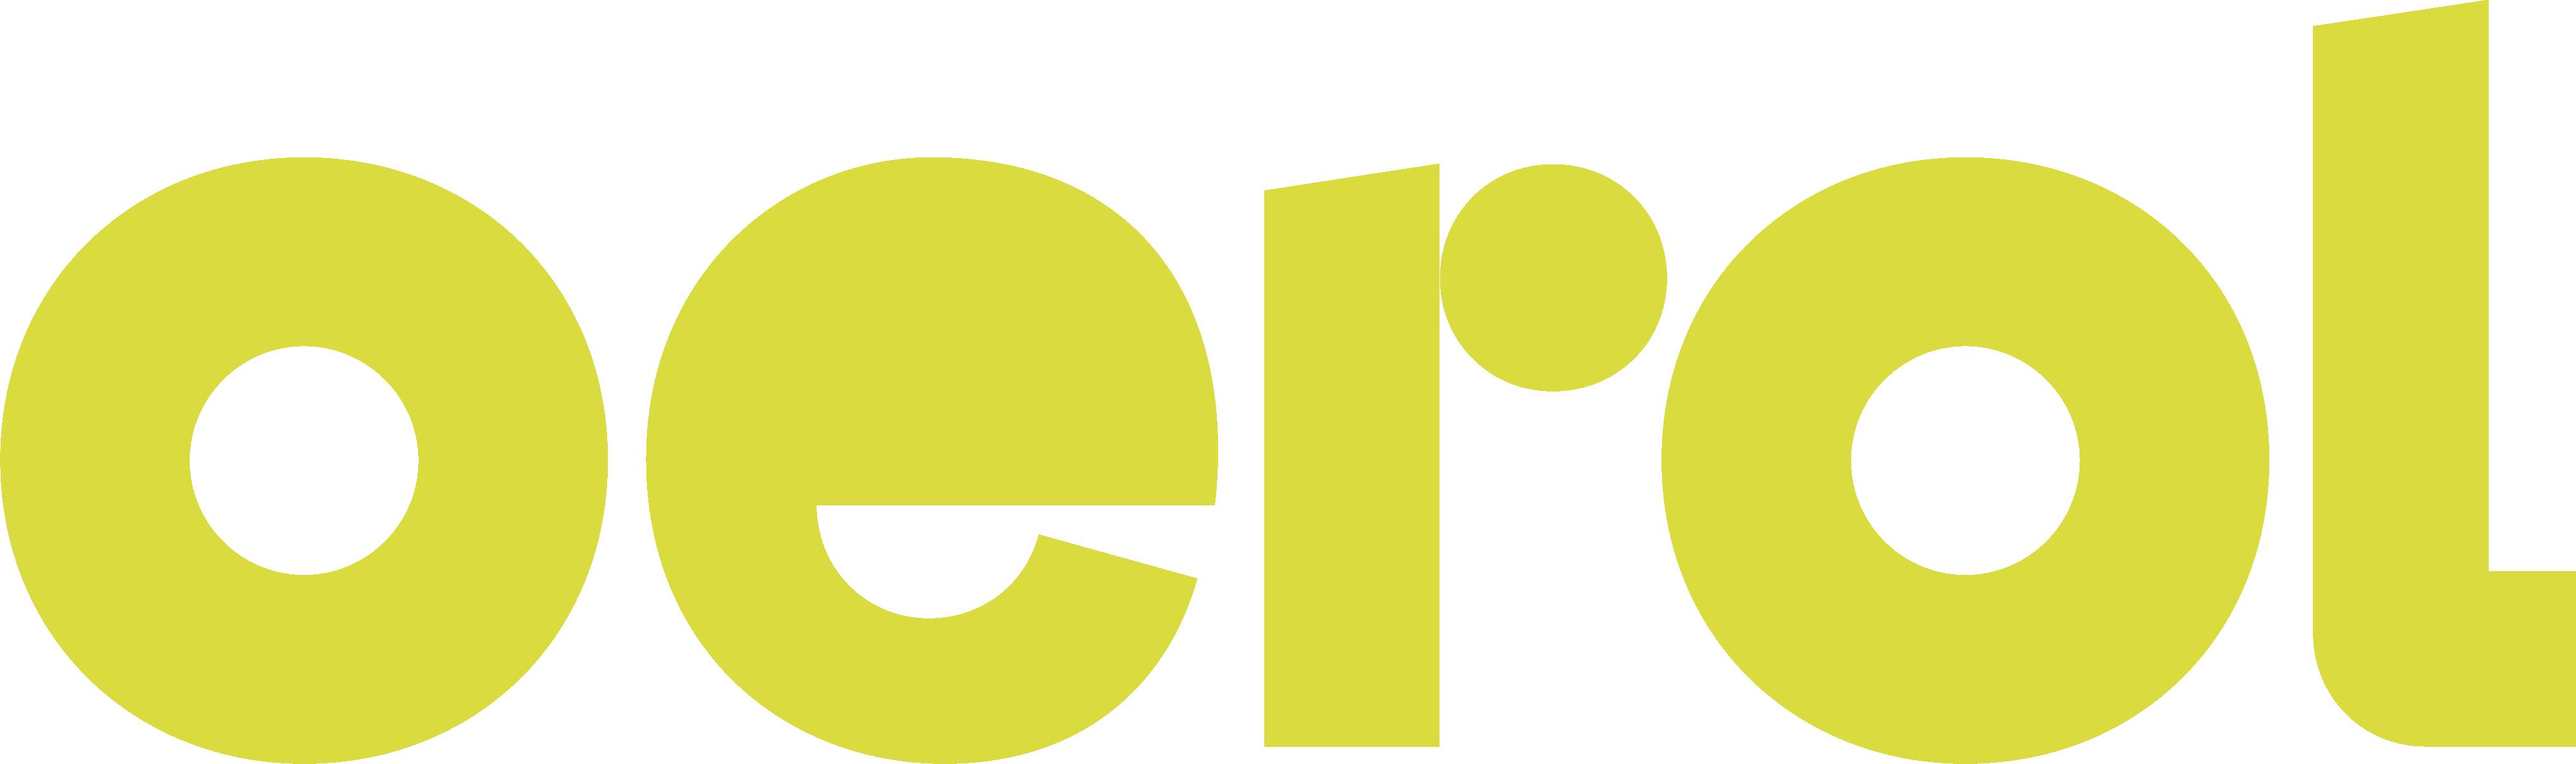 Oerol logo